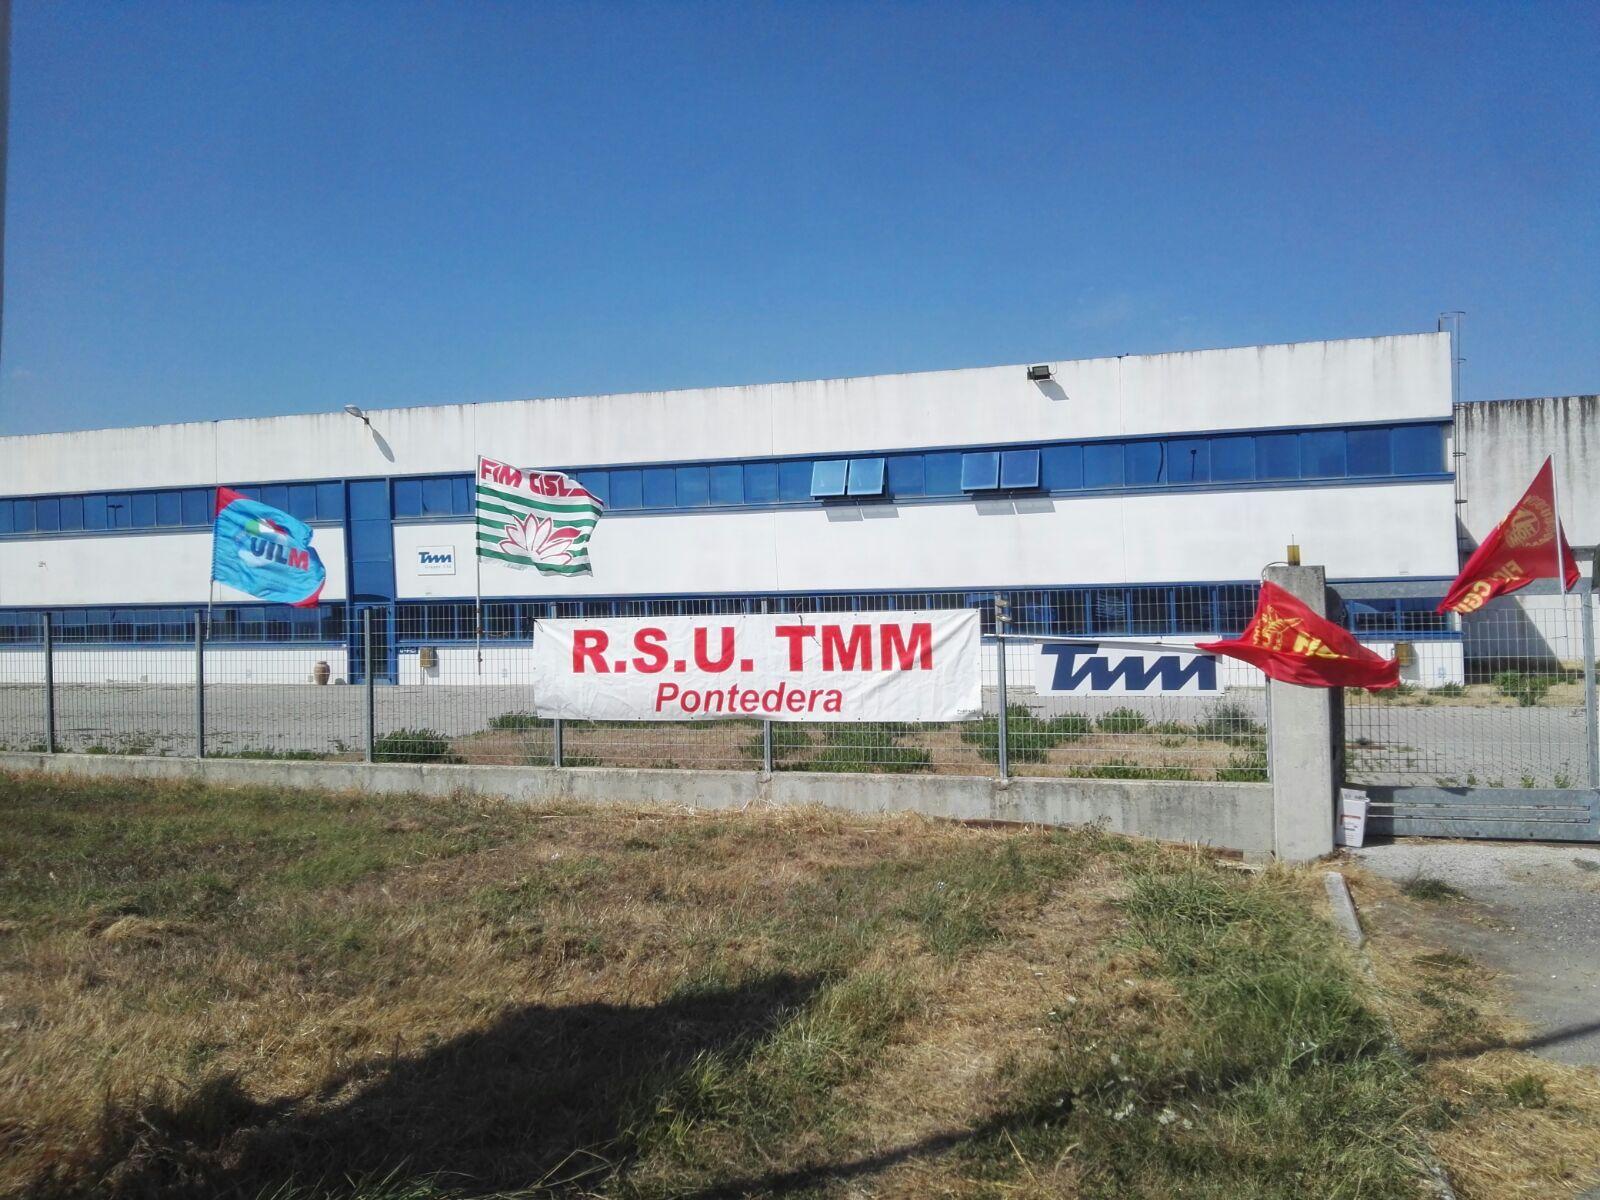 Ufficio Lavoro Pontedera : Tmm di pontedera mercoledì 28 marzo incontro in regione con comune